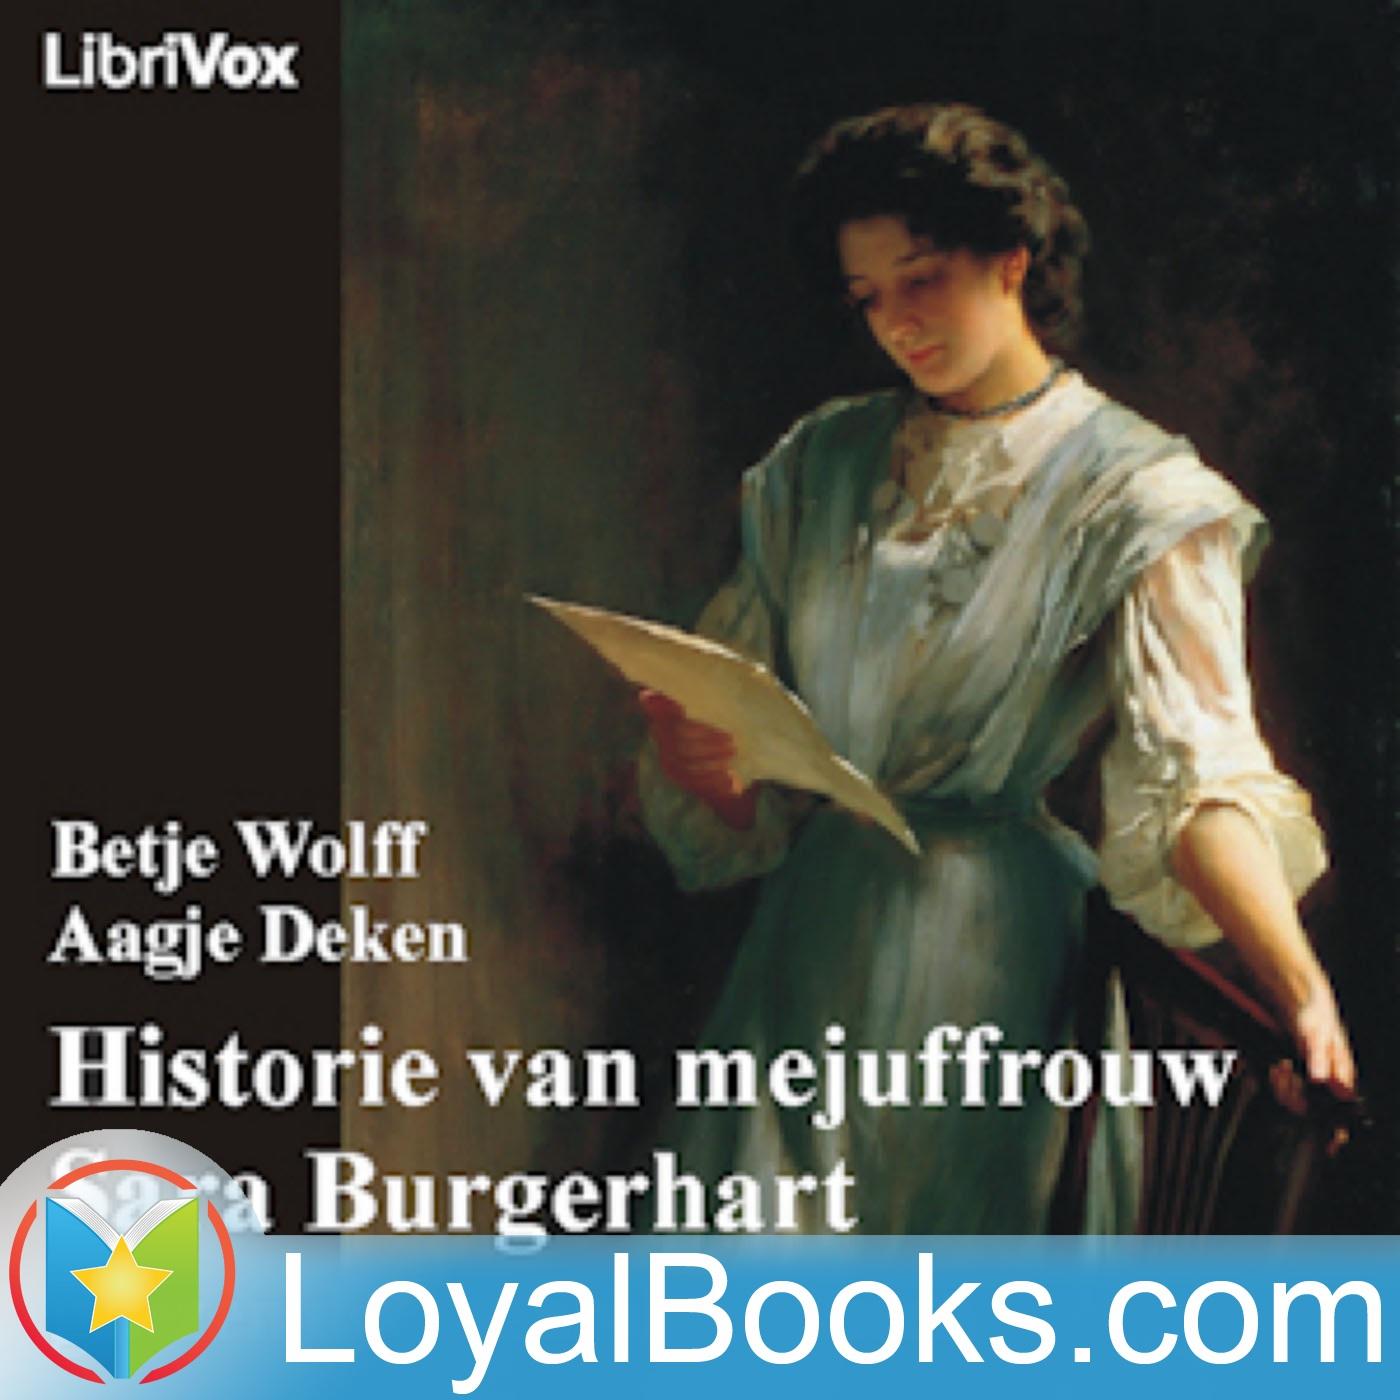 Historie van mejuffrouw Sara Burgerhart by Betje Wolff